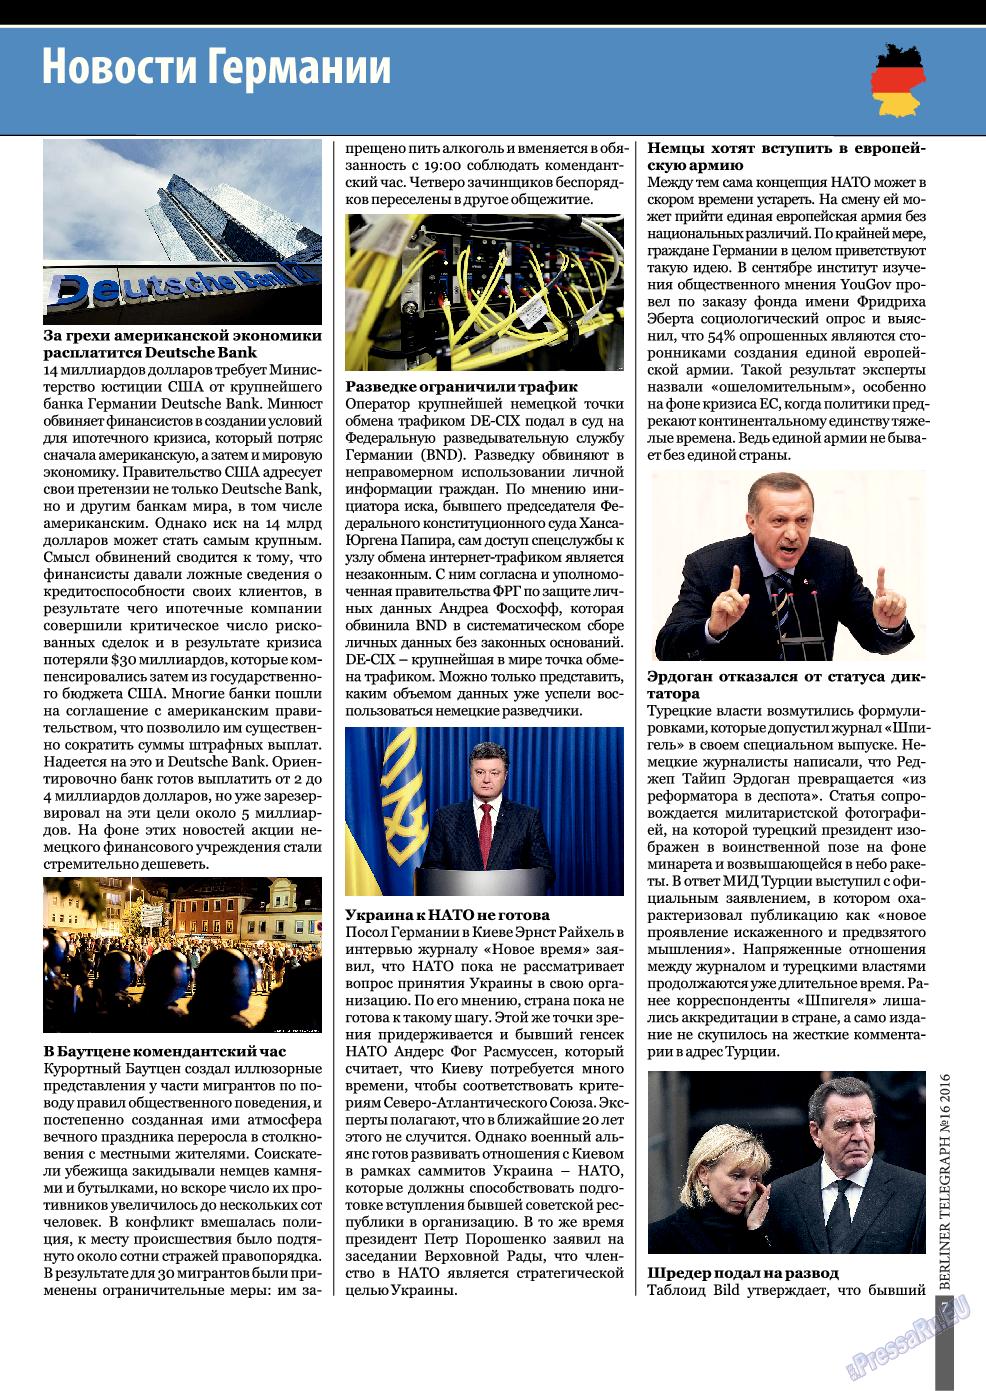 Берлинский телеграф (журнал). 2016 год, номер 16, стр. 7